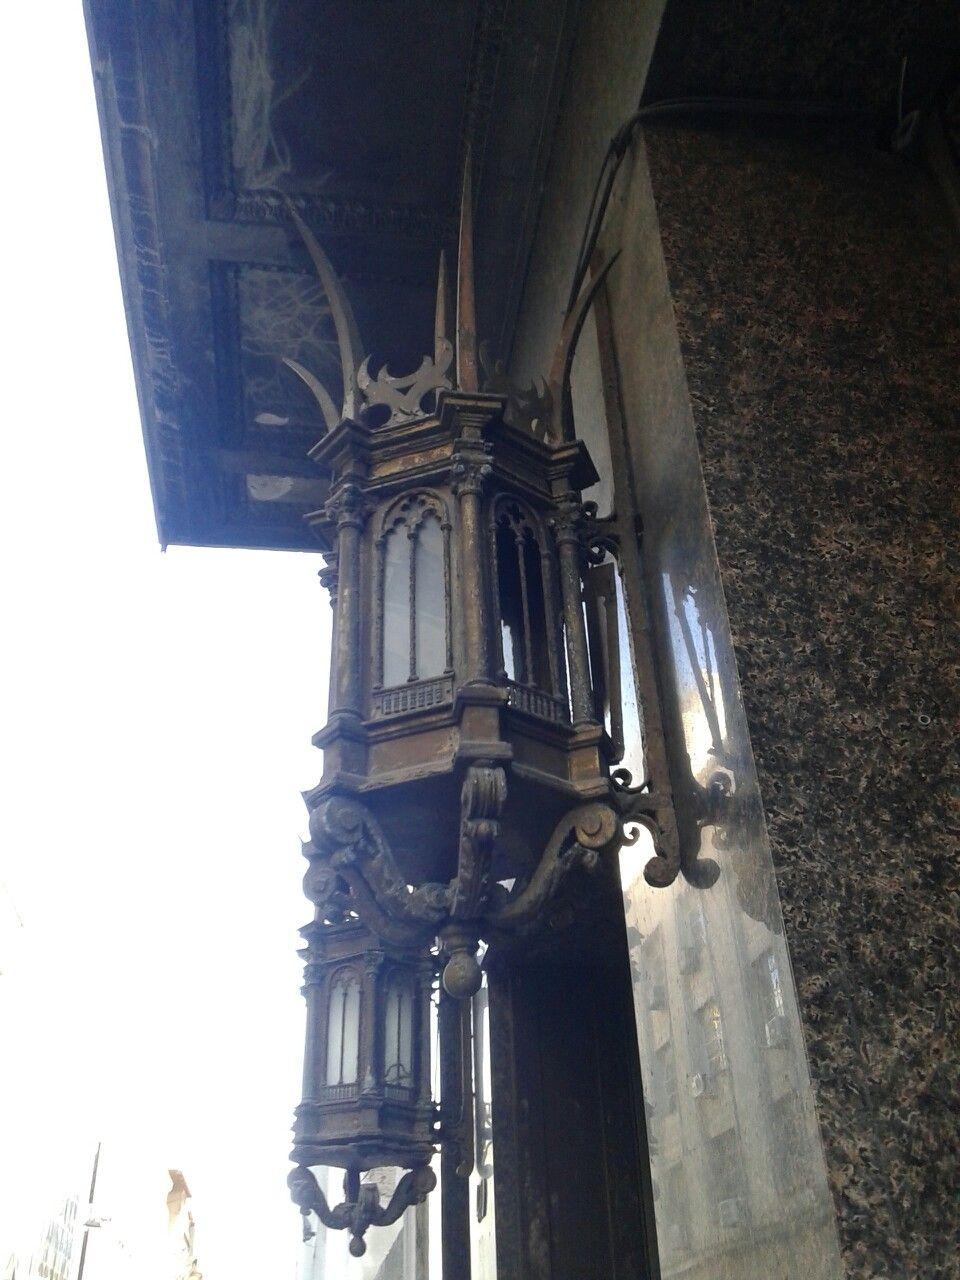 Faroles de un edificio de la ciudad vieja de Montevideo URUGUAY